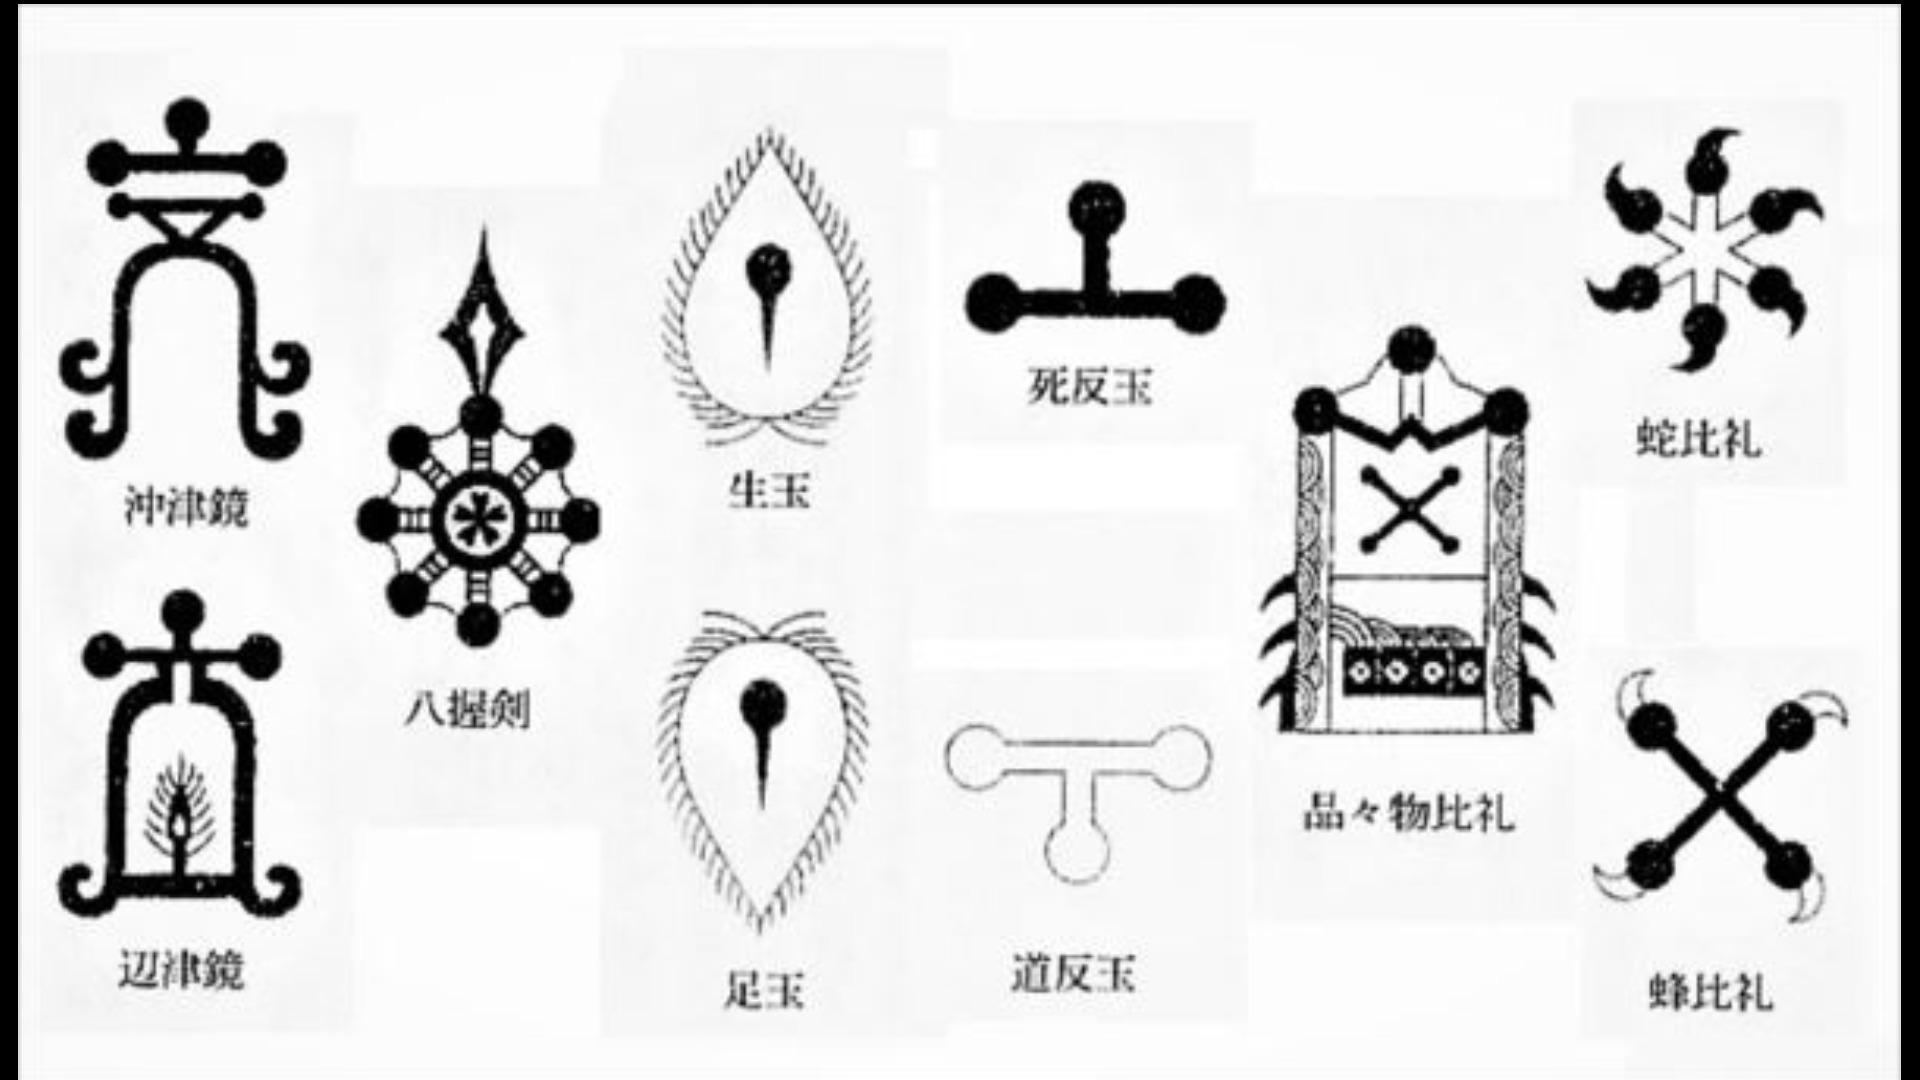 21.8.20【呪術編】第6回 病気の芽を摘む